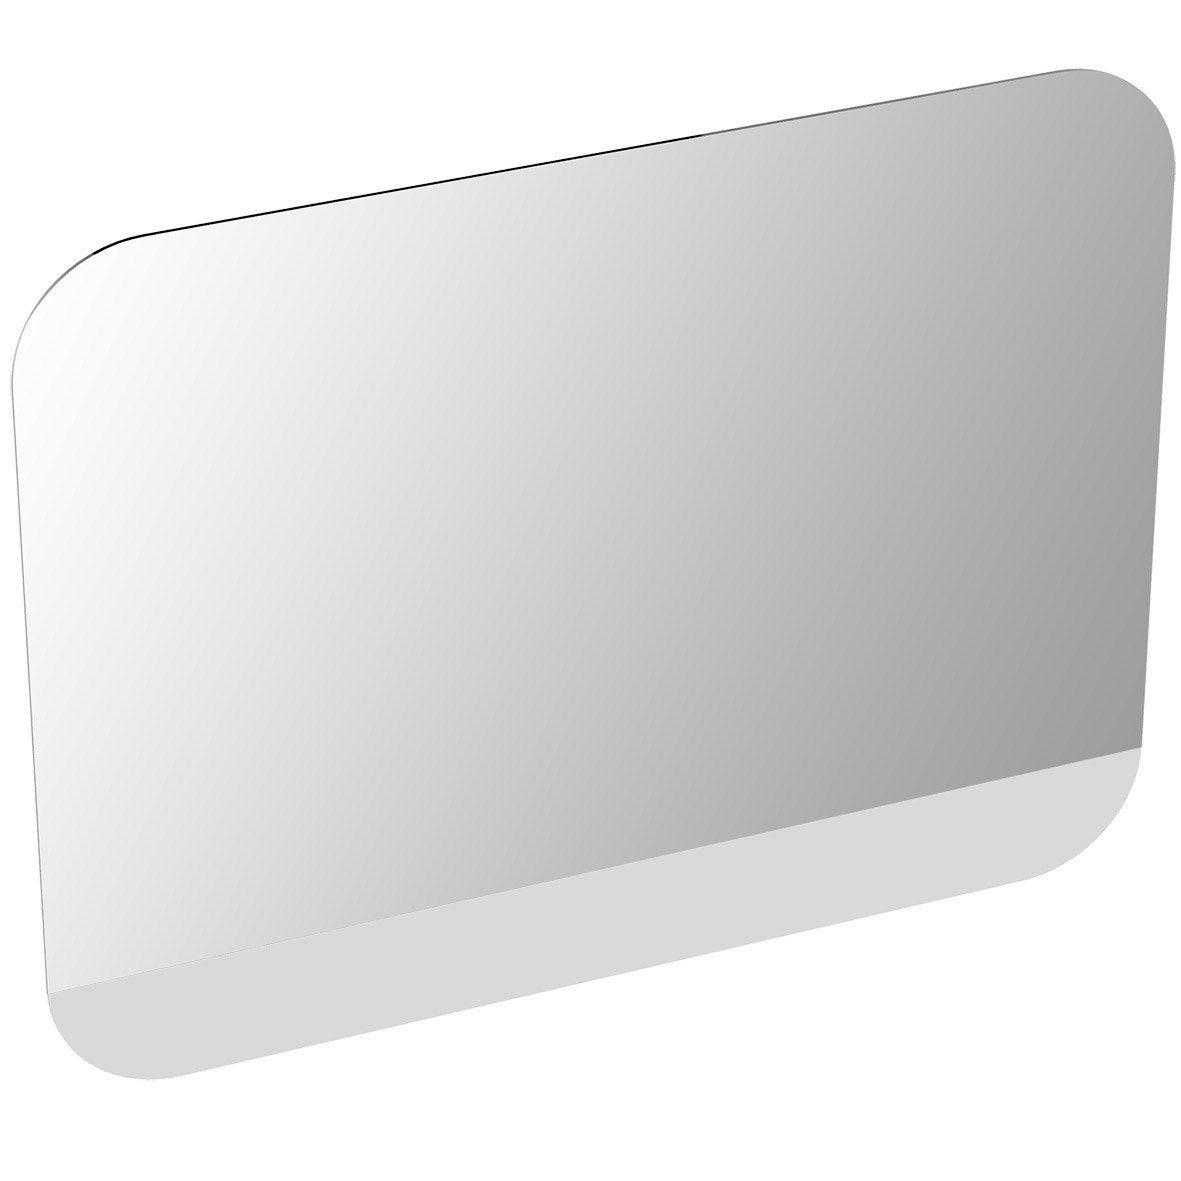 Miroir avec clairage int gr idealsmart ideal standard - Accroche miroir leroy merlin ...